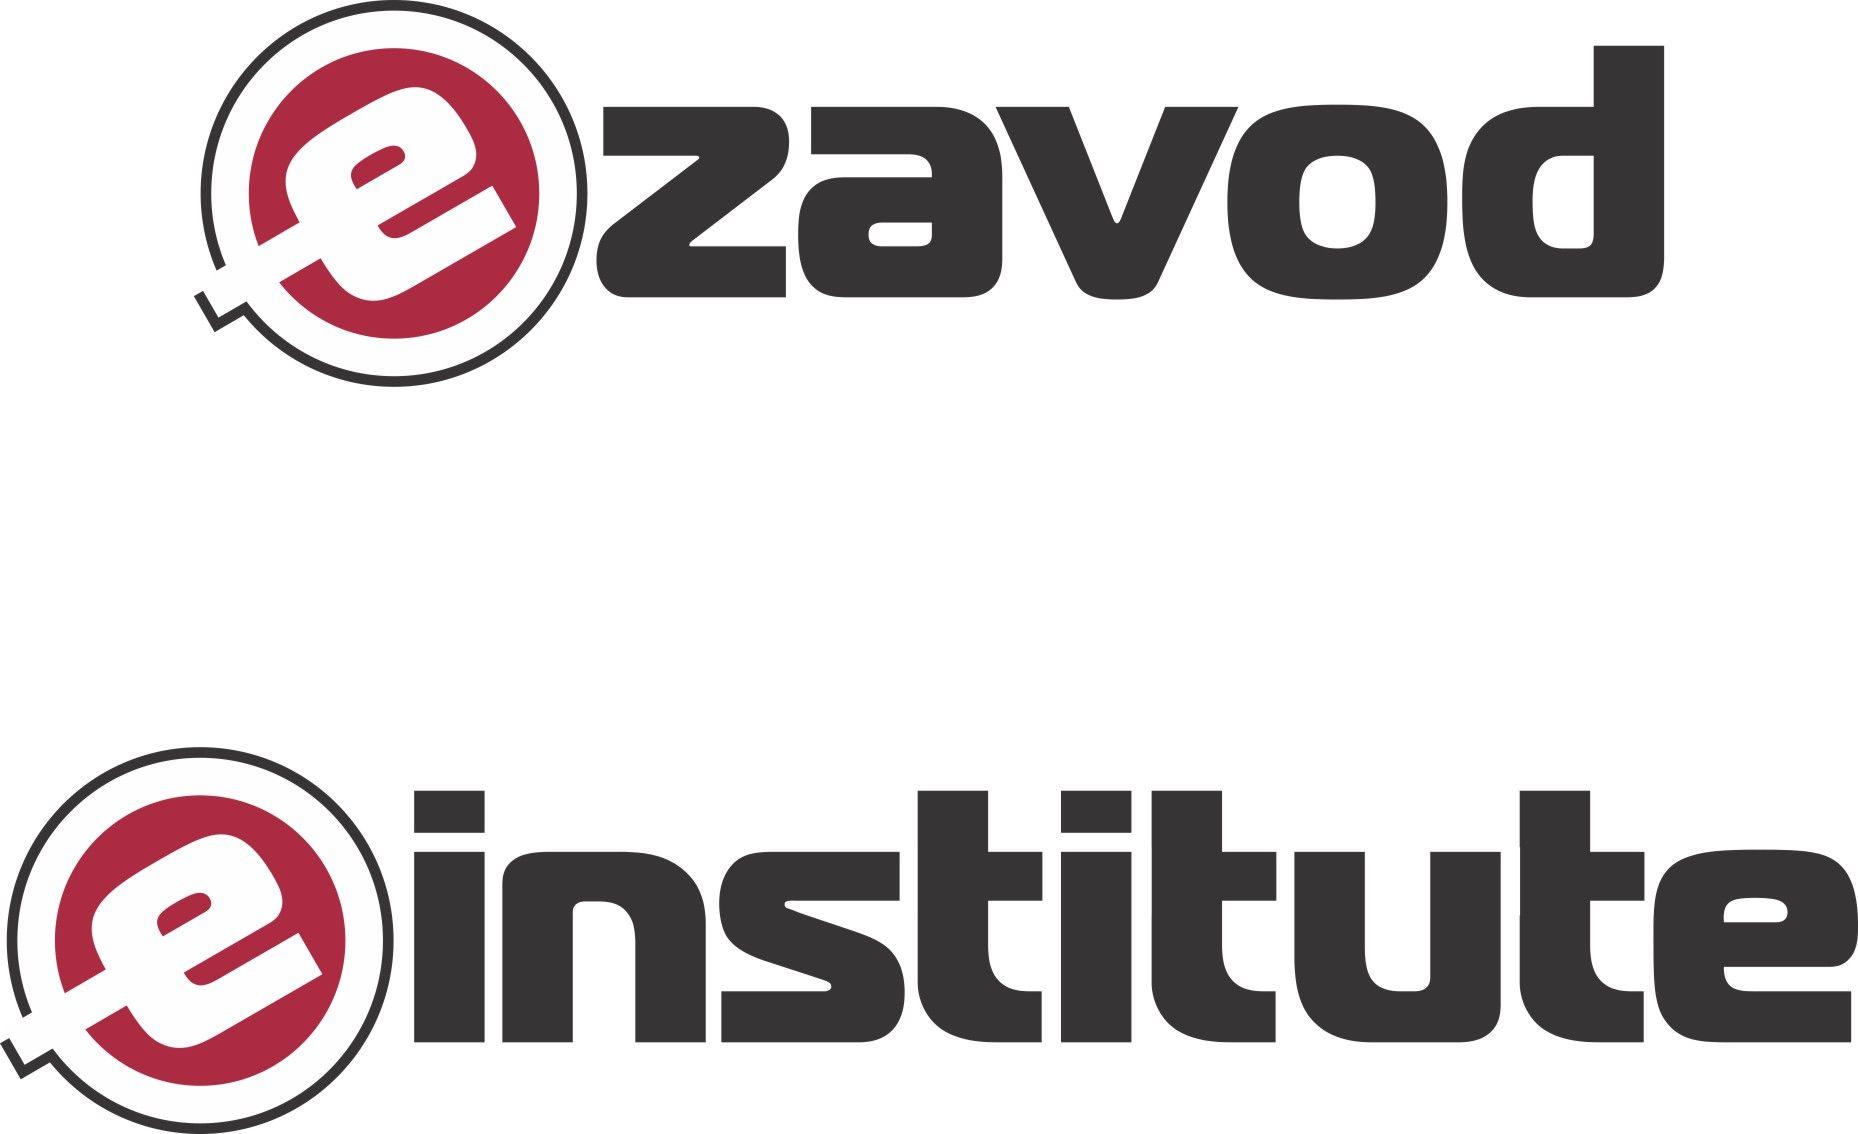 E-zavod_logotip